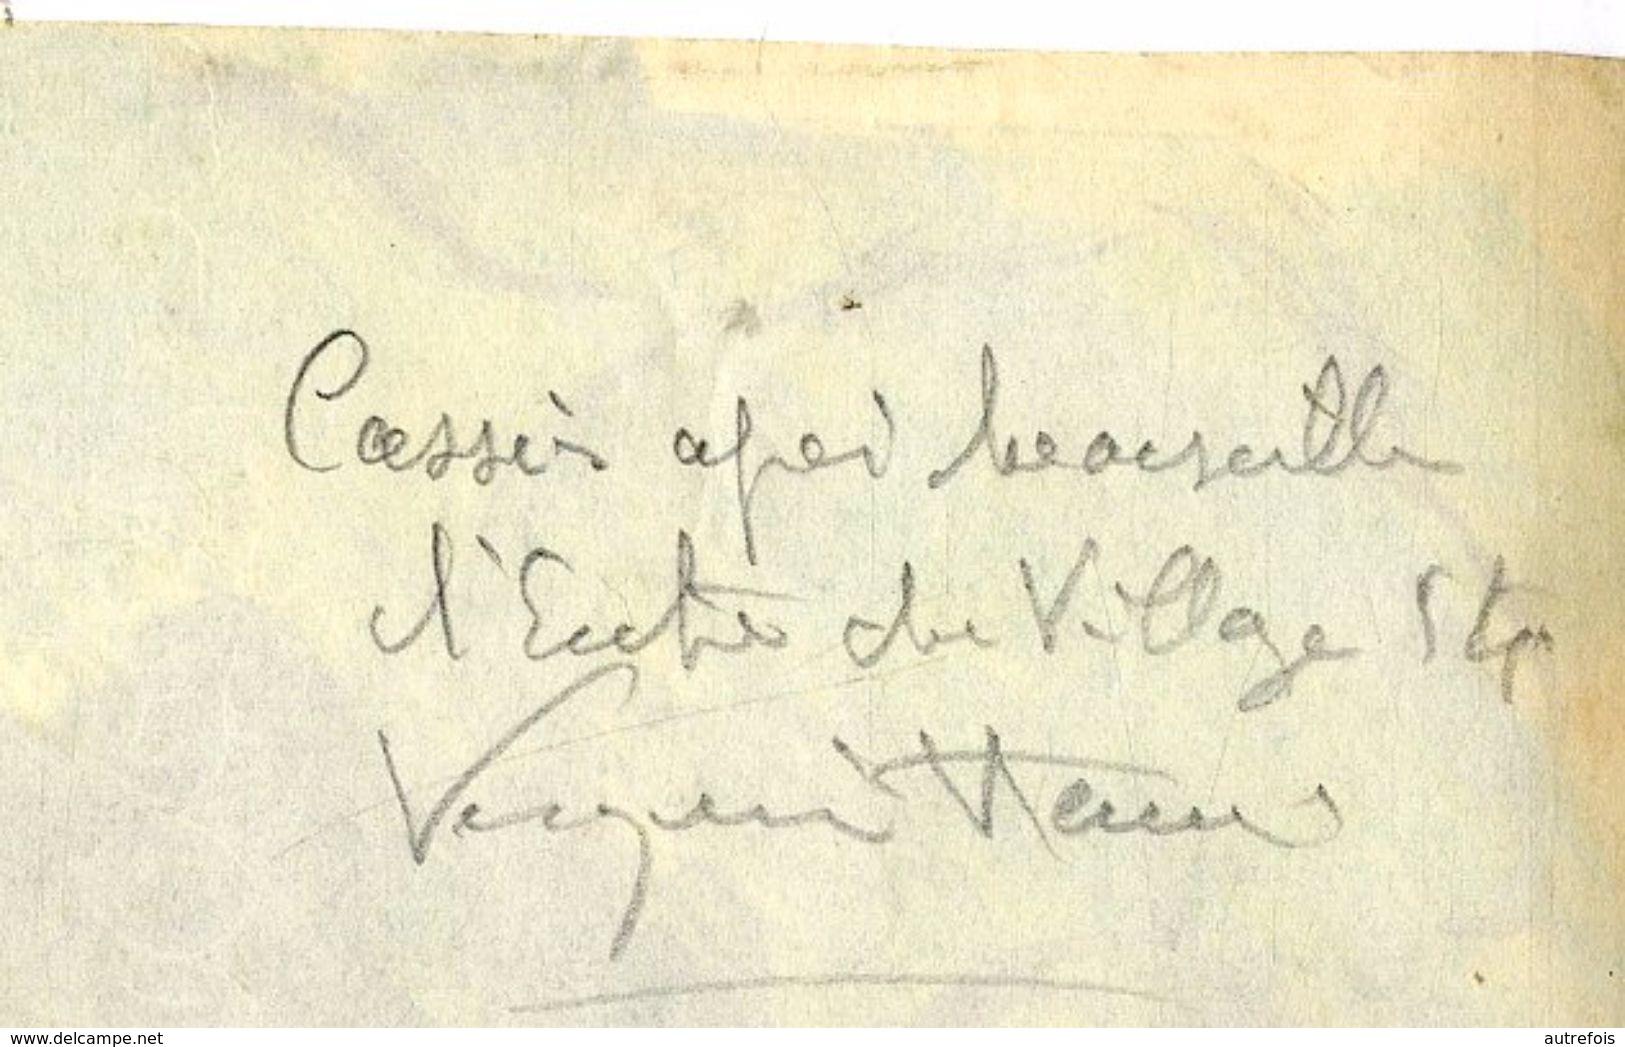 VERQUIN HENRY  - CASSIS PRES MARSEILLE    ENTREE DU VILLAGE   -  PEUT ETRE ACRYLIQUE PASTEL  VERS 1950 60 - Acryliques